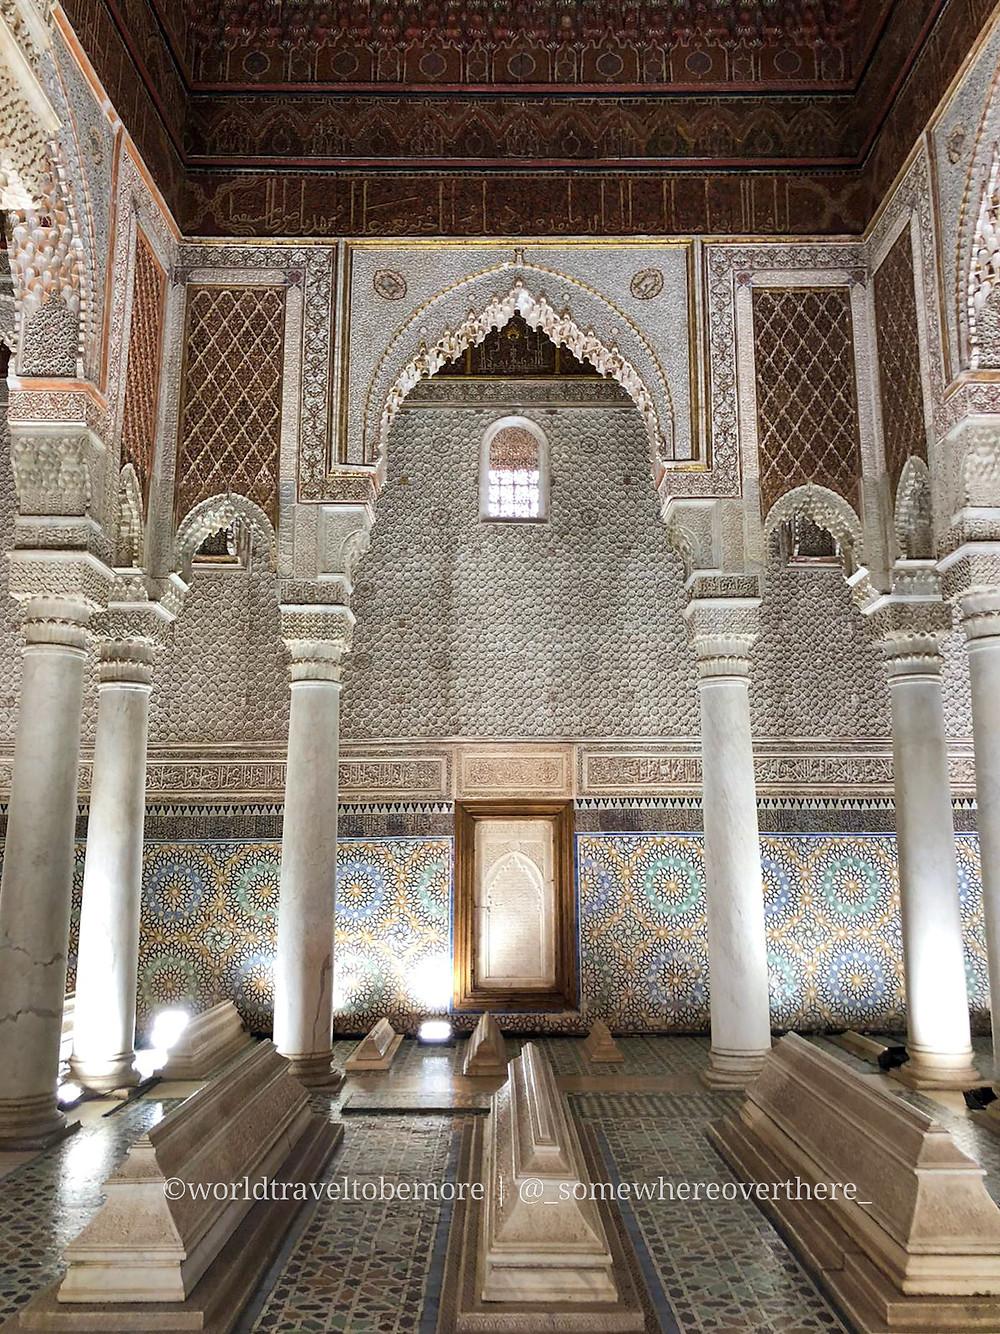 Tombe Saadiane a Marrakech, Marocco. Viaggio di una settimana in Marocco | worldtraveltobemore.com